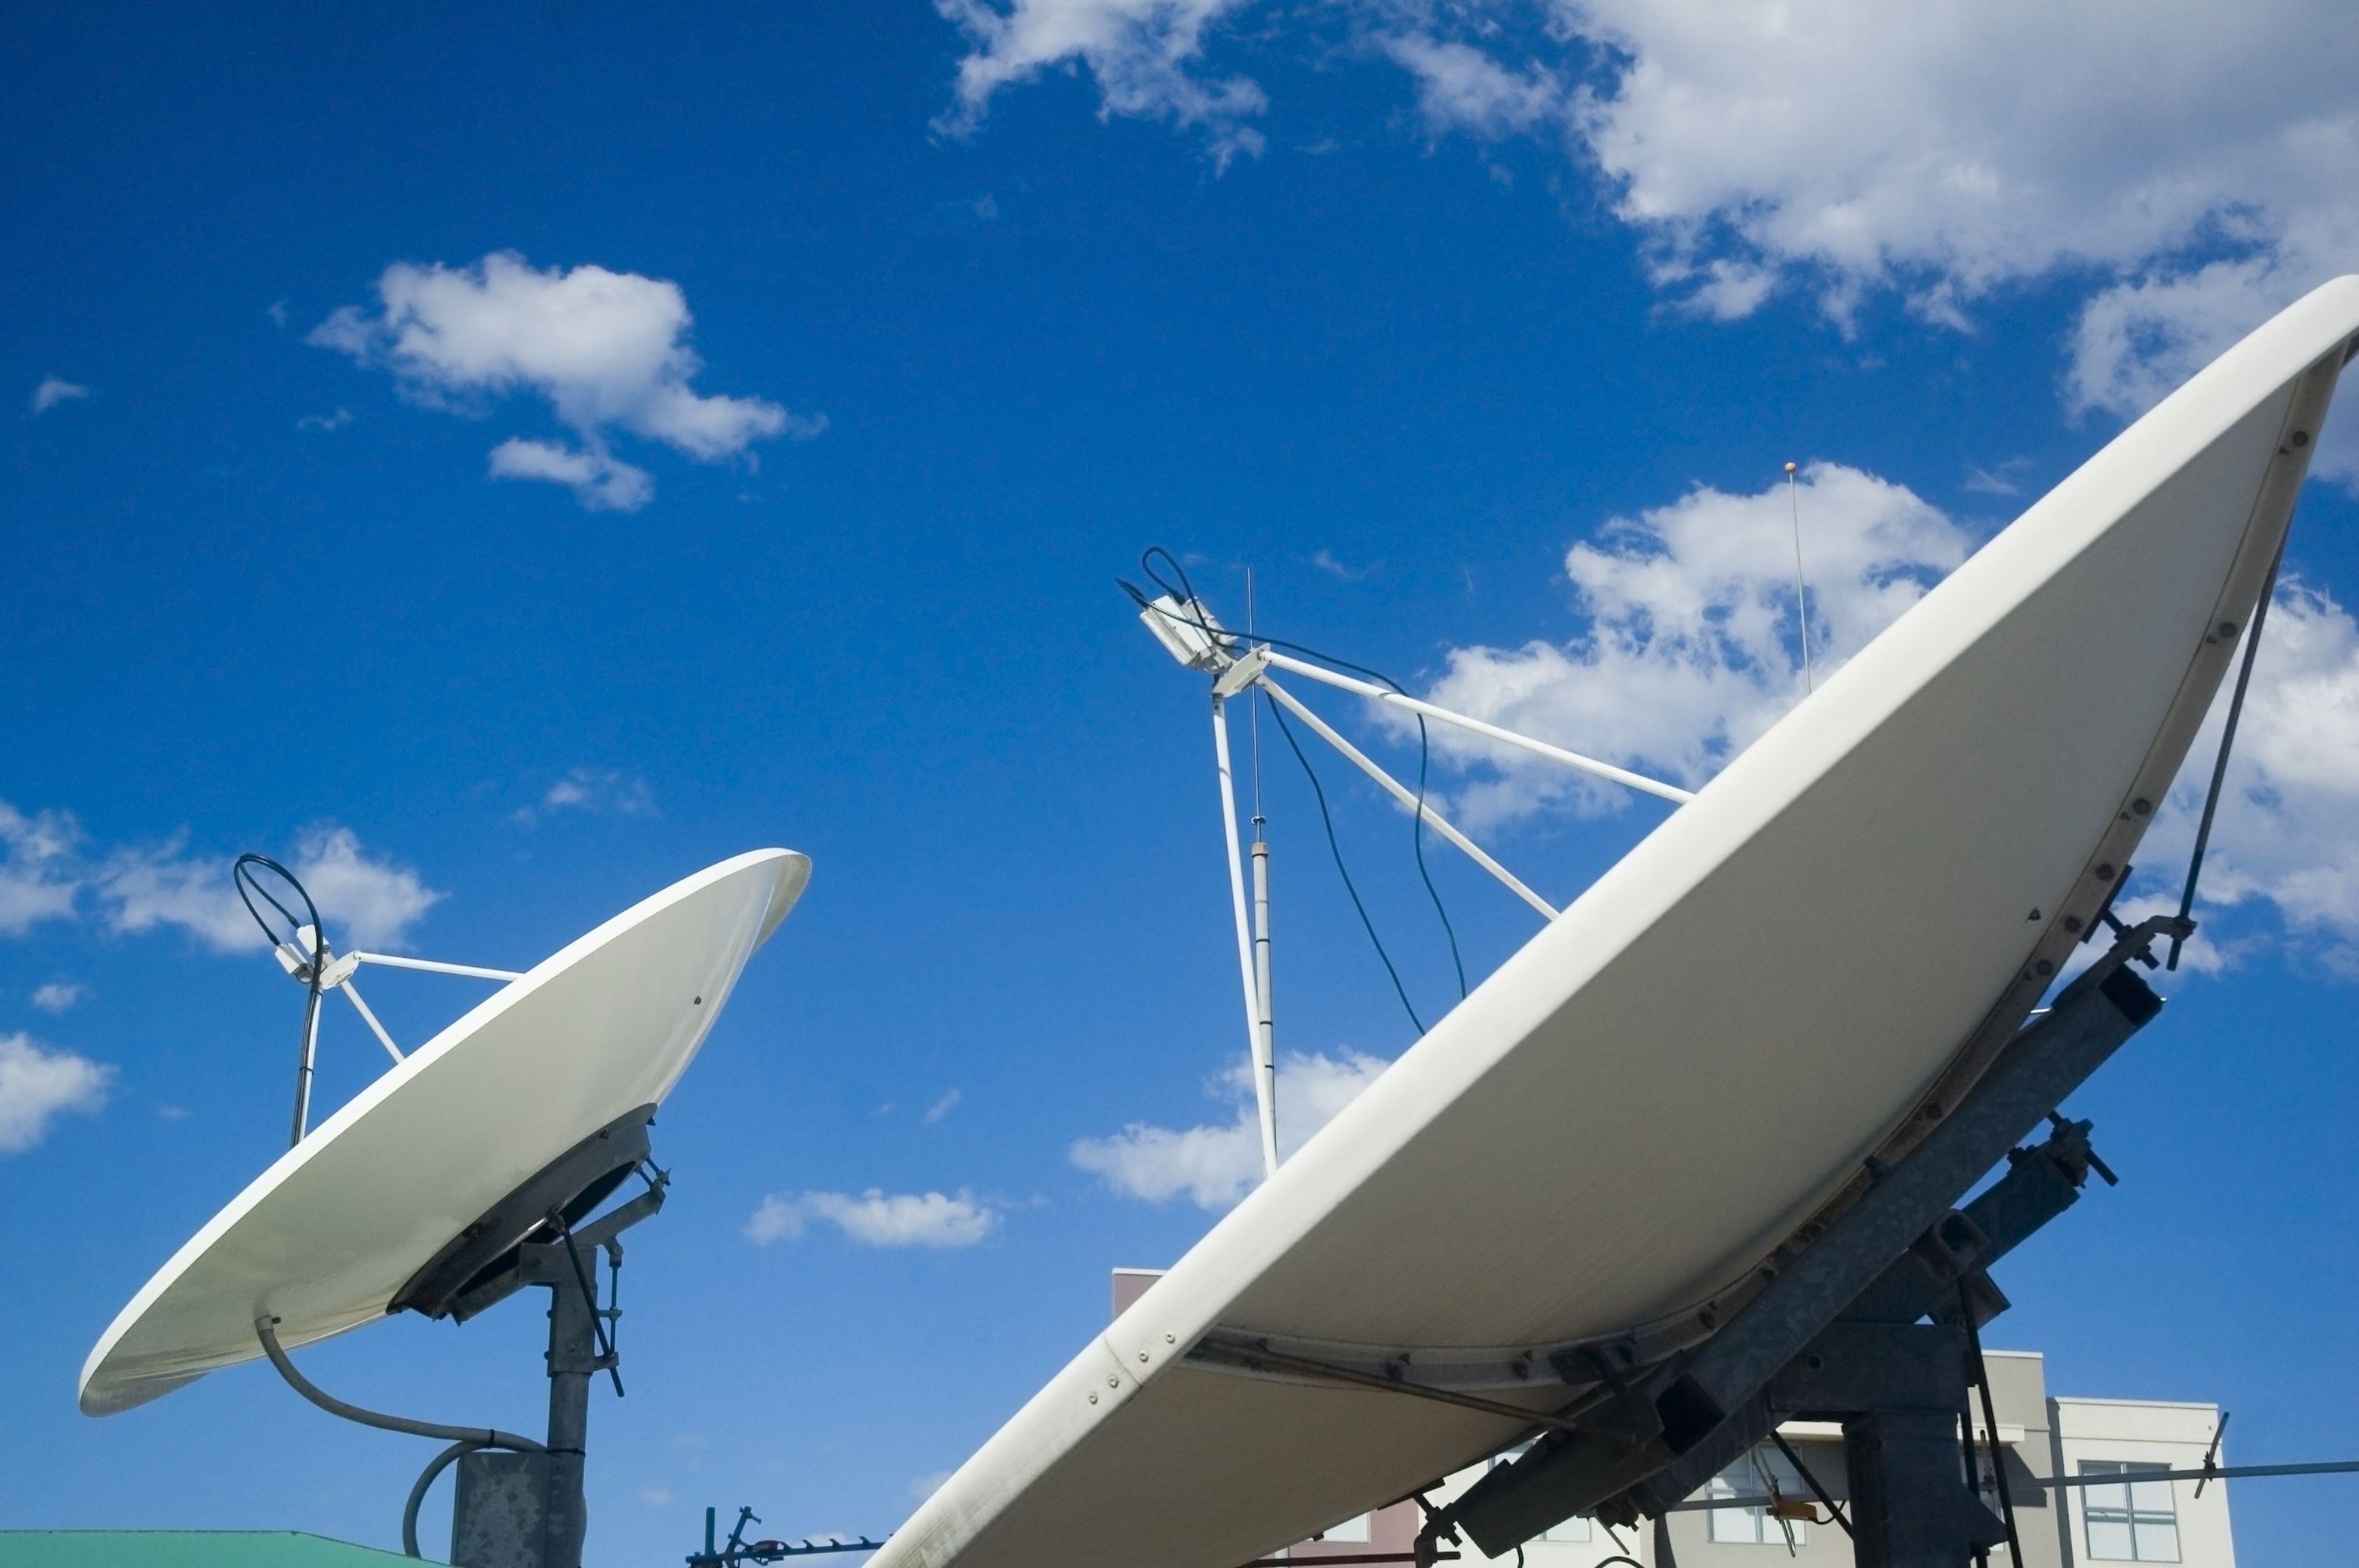 Antenas parabólicas: Productos y servicios de Antenas Donosti, S.L.